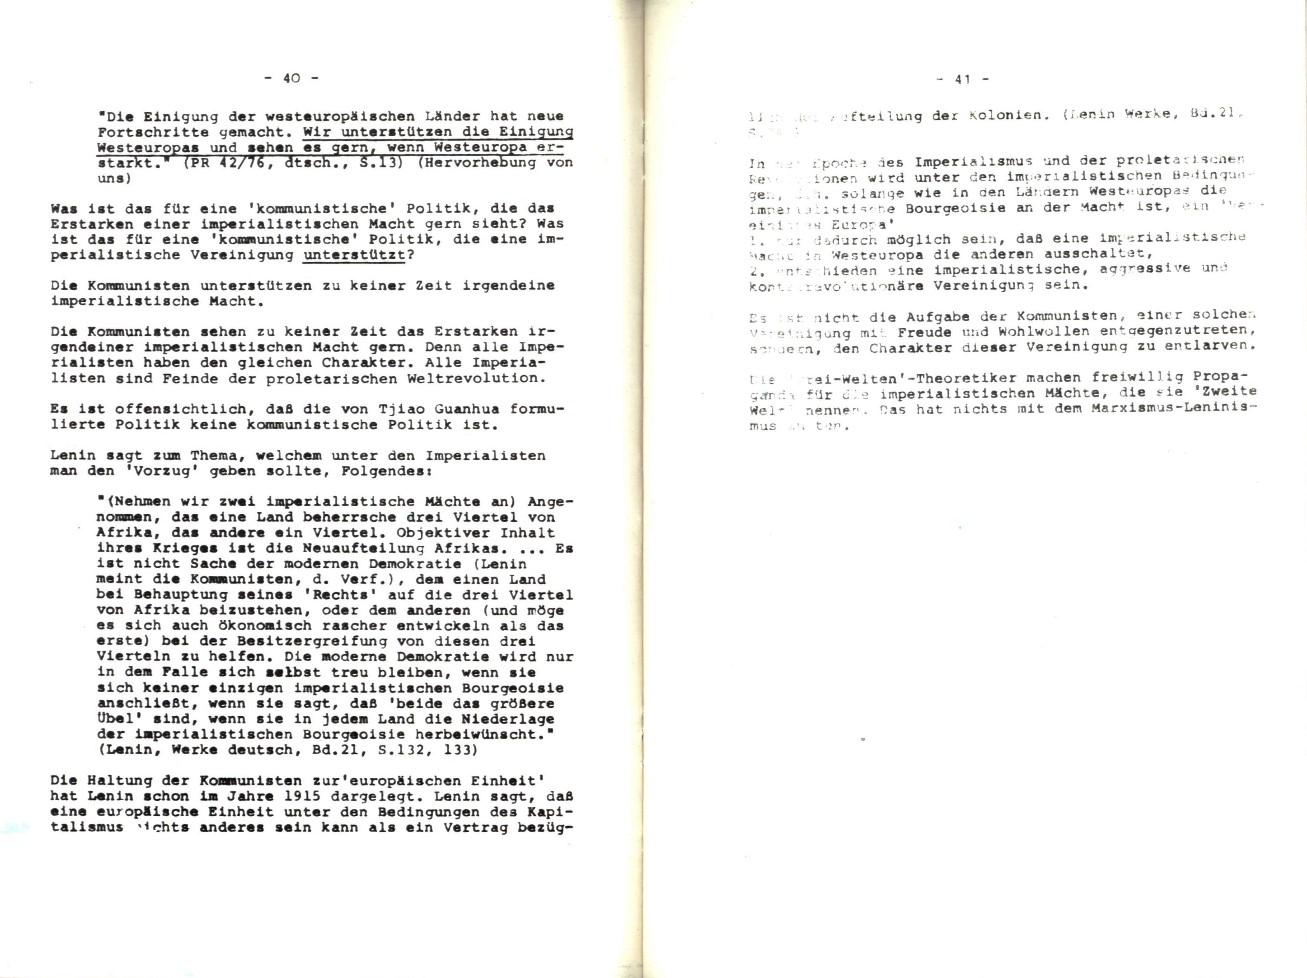 MLSK_Theorie_und_Praxis_des_ML_1978_21_29